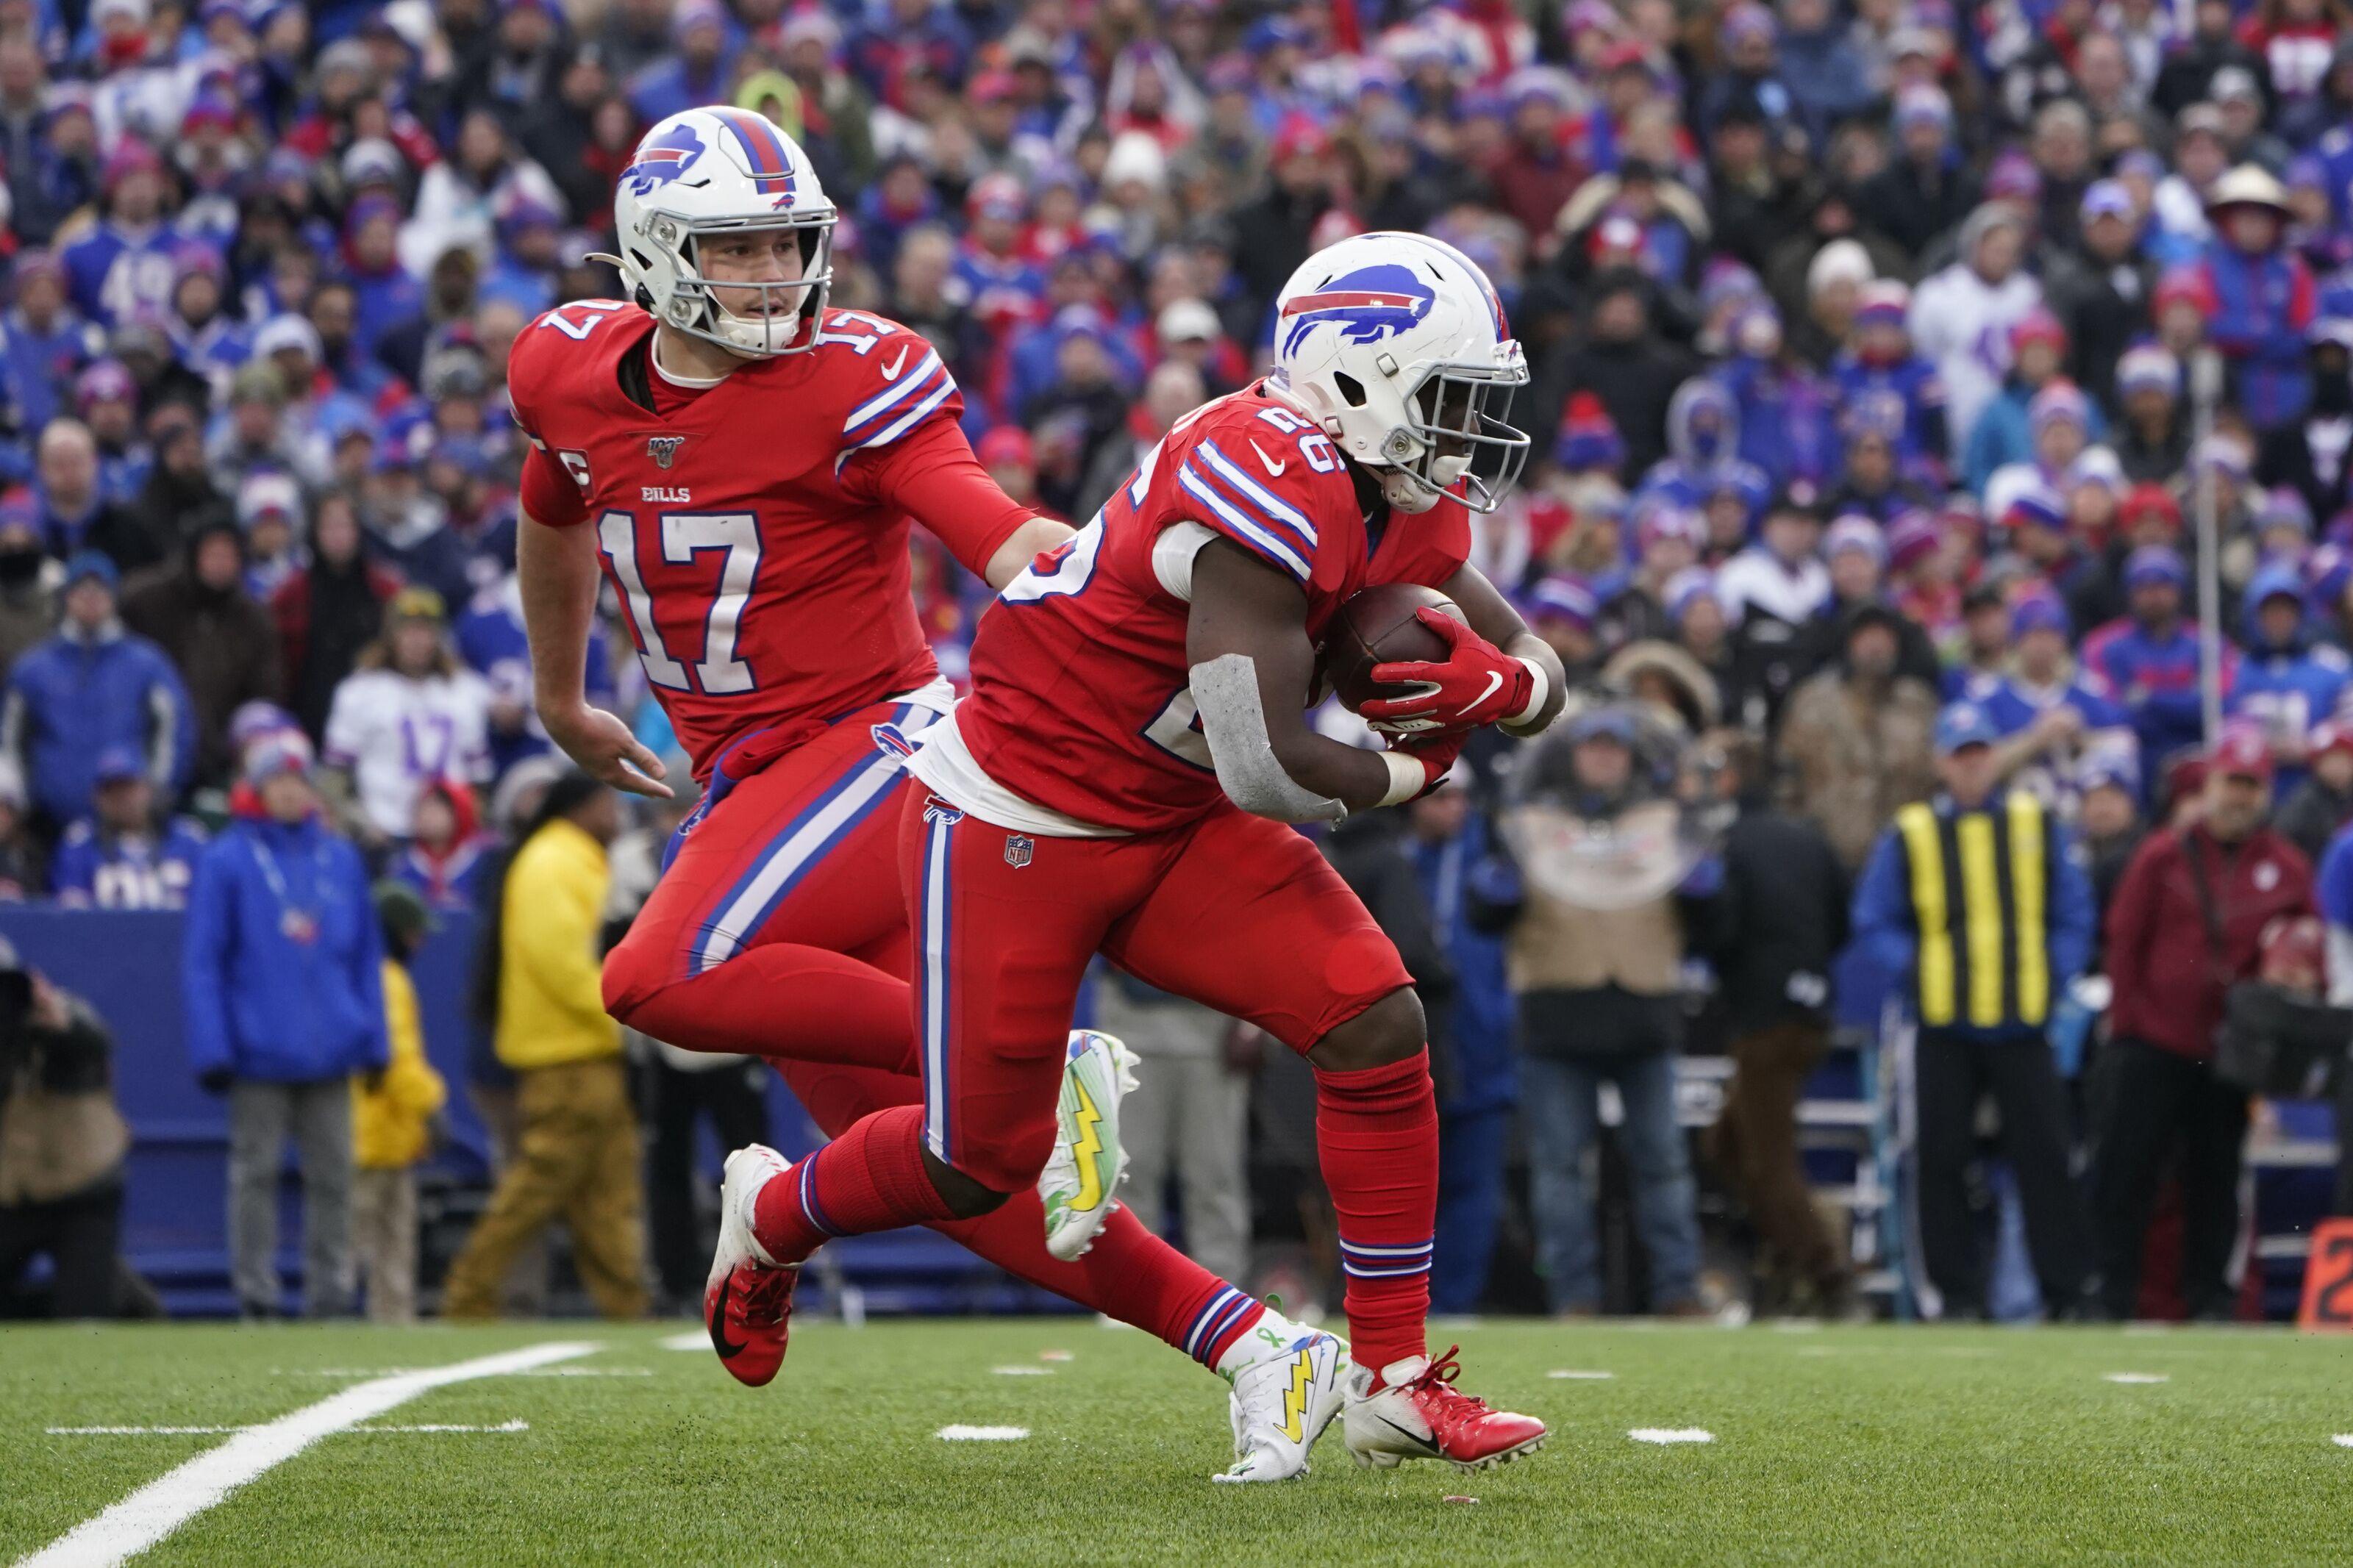 NFL Week 15 2019: Announcer pairings